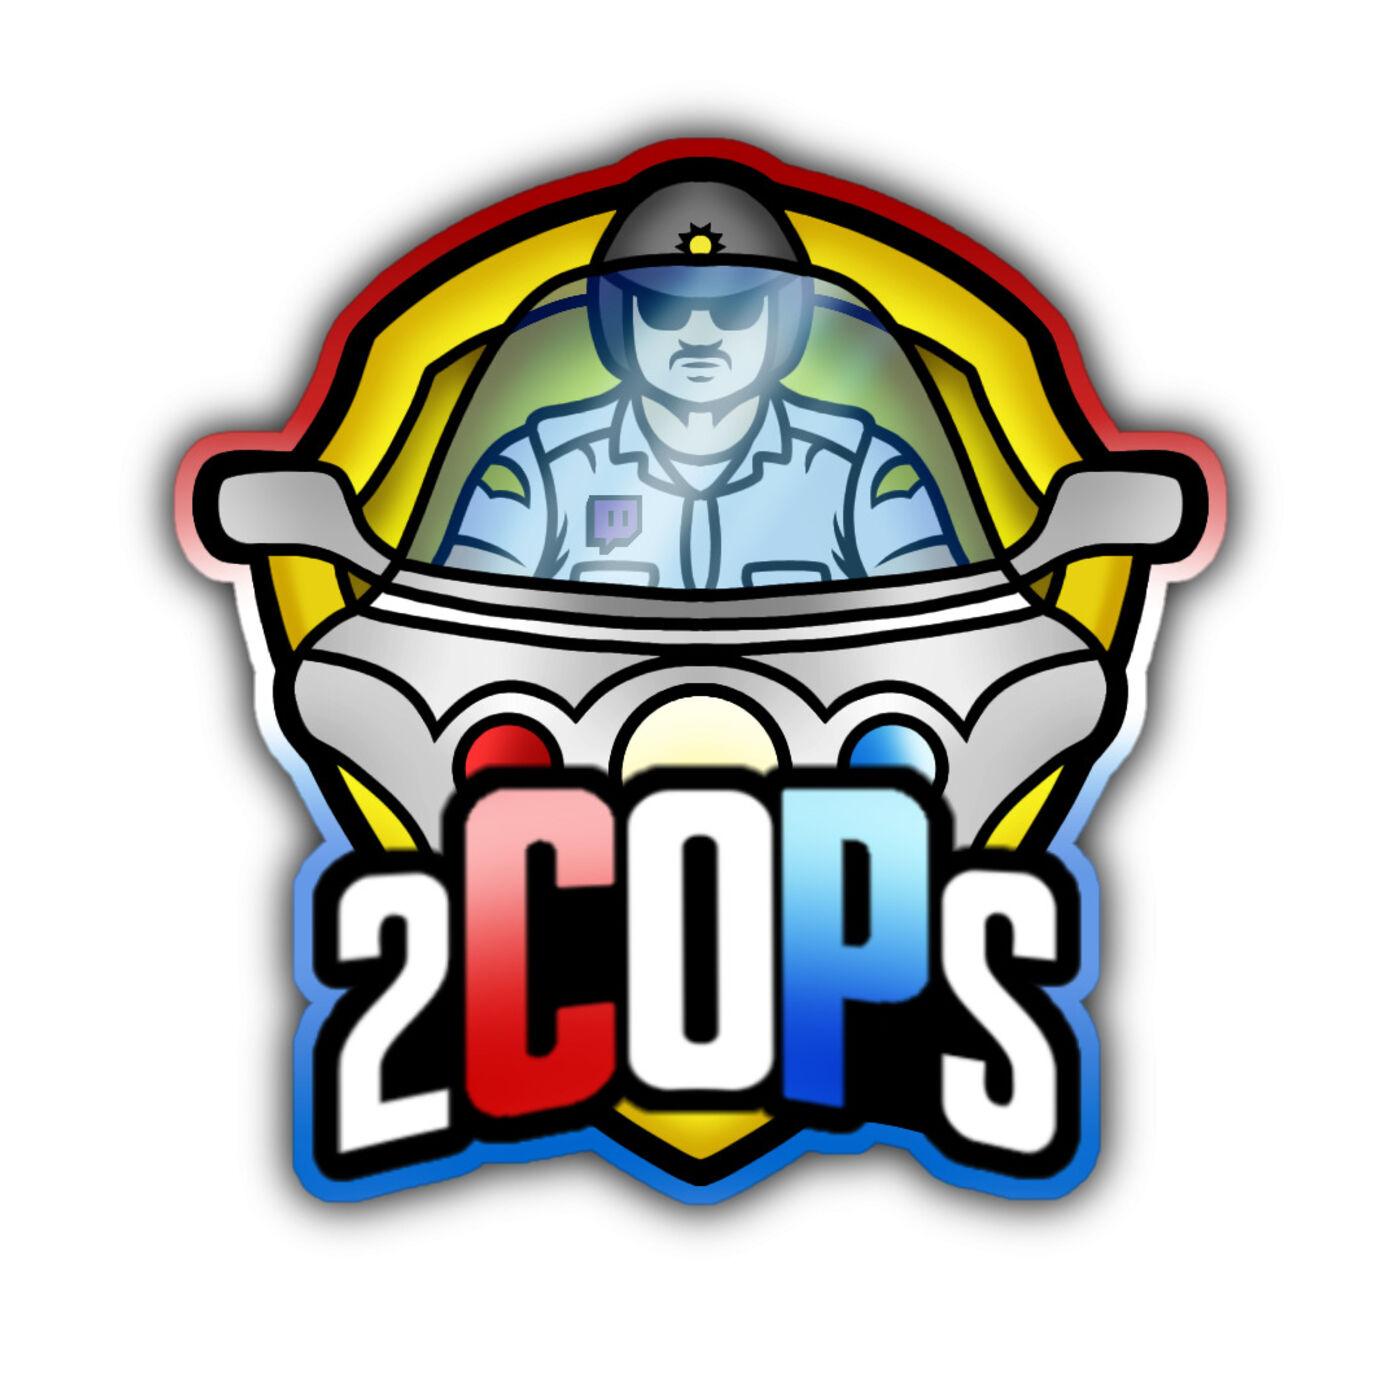 2Cops: Talk